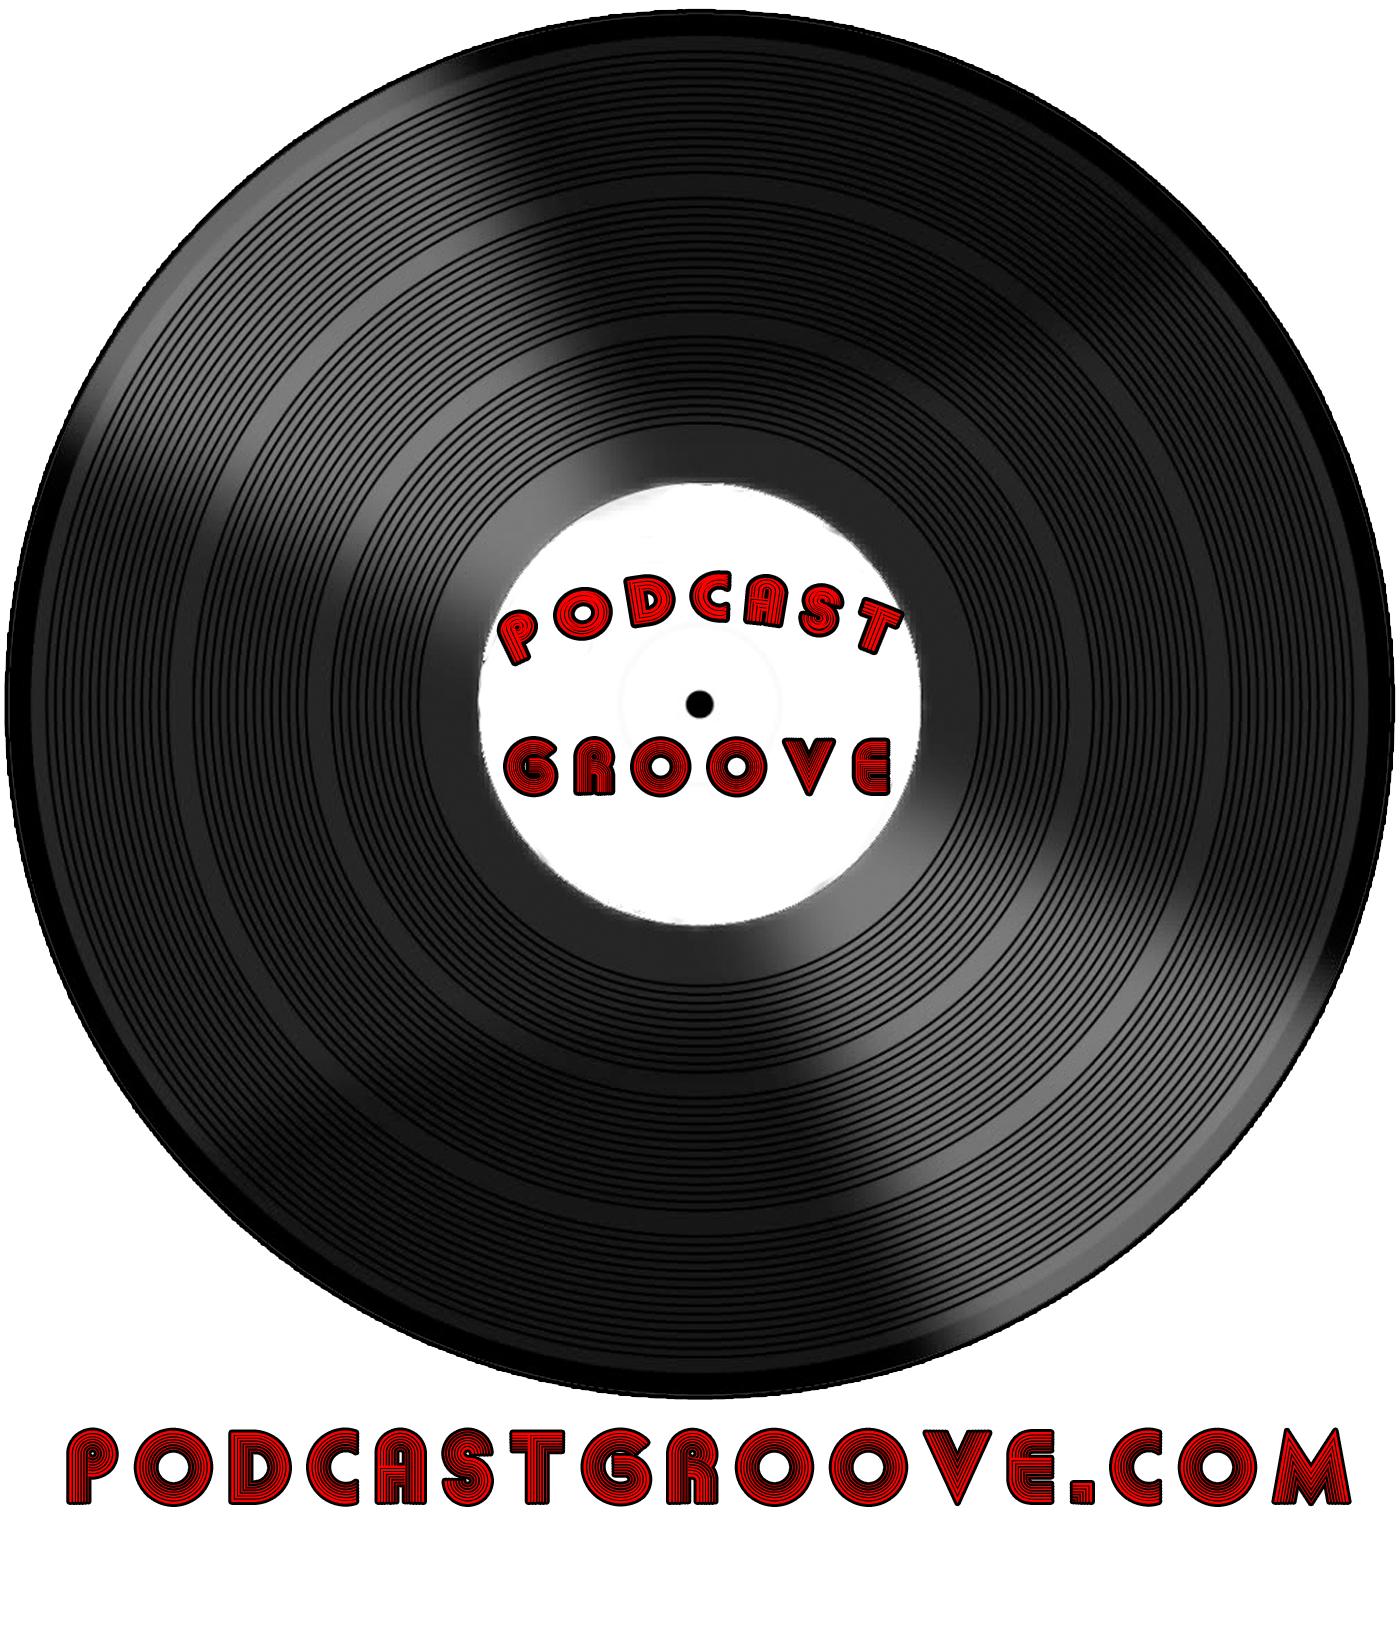 PodcastGroove